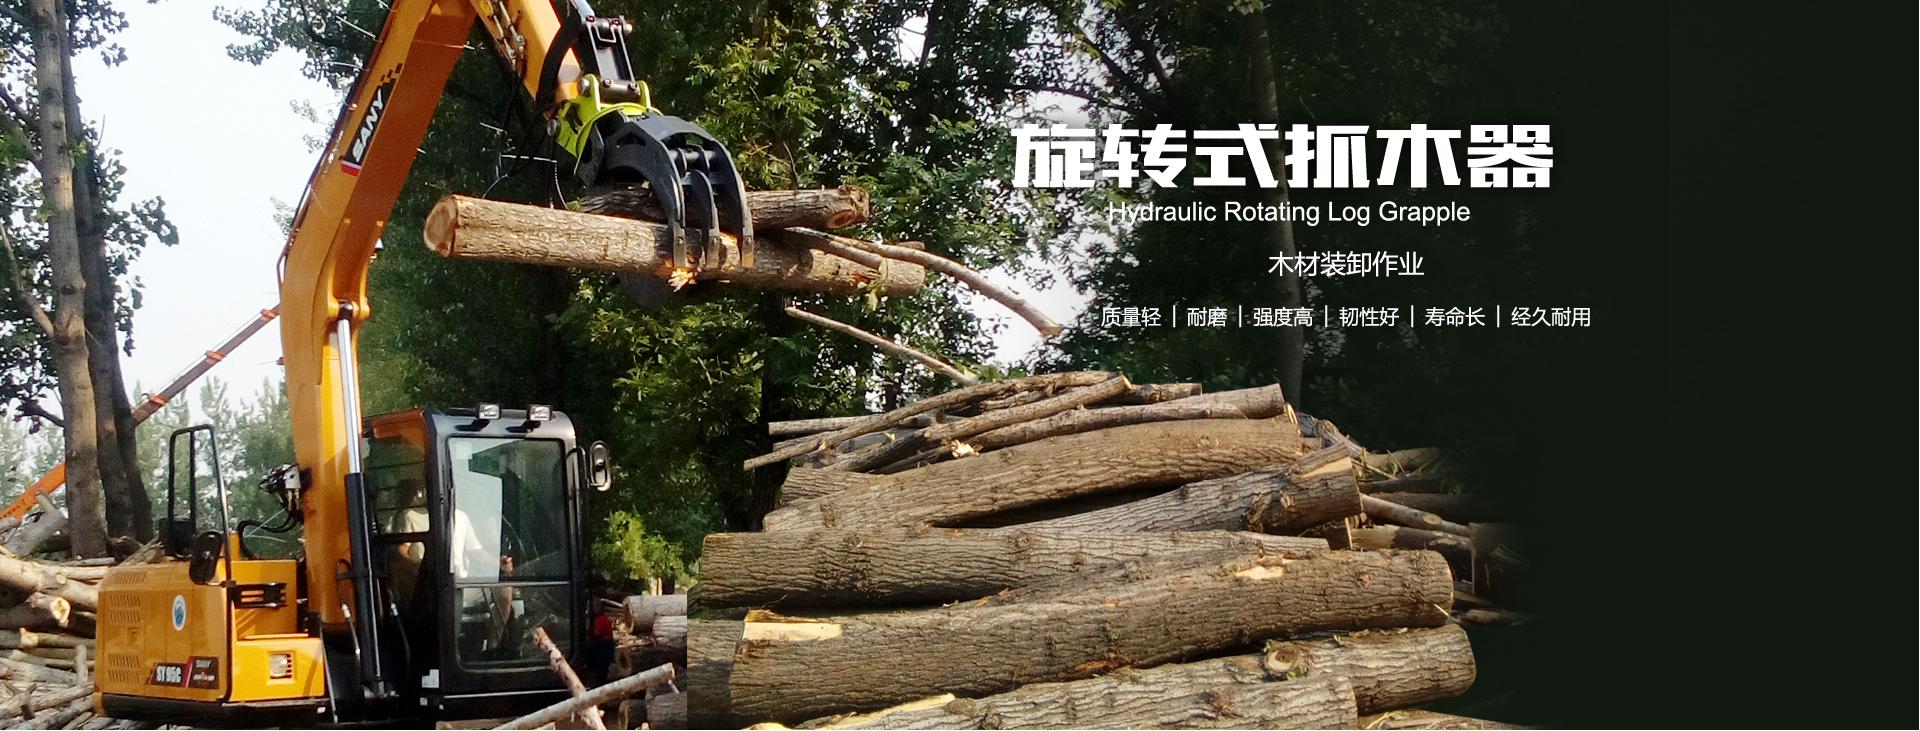 旋转式抓木器